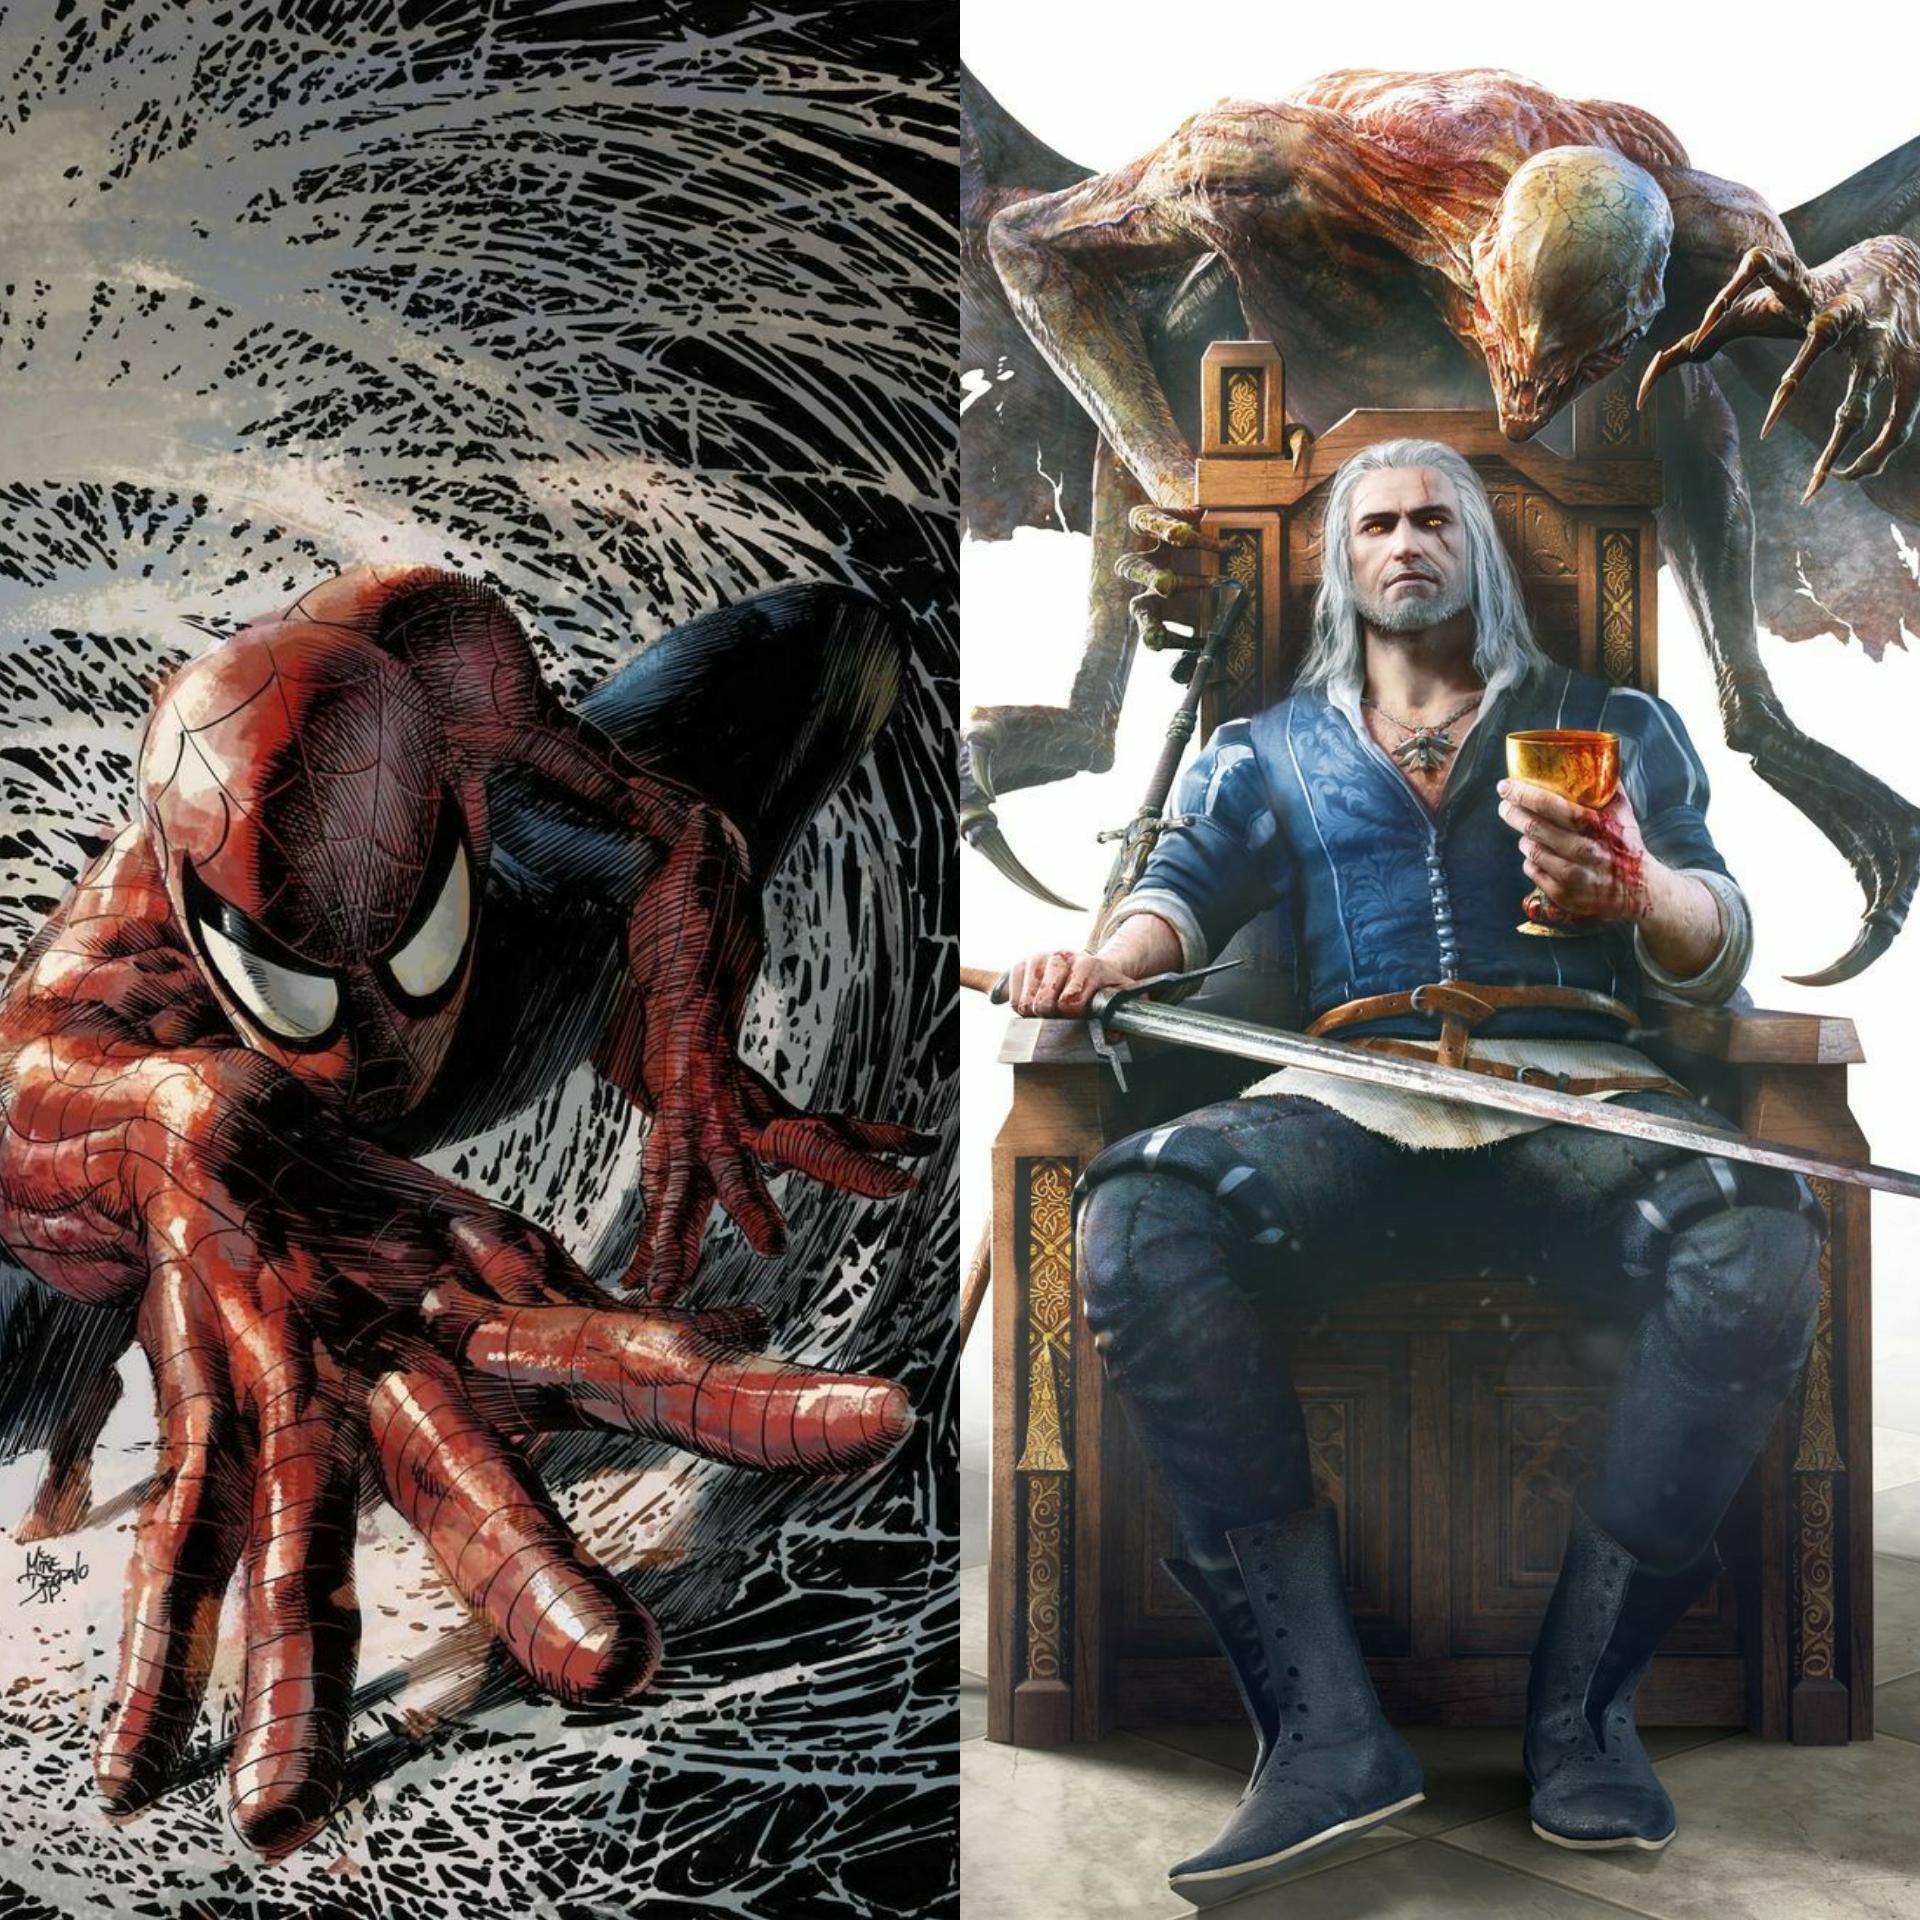 Peter Parker vs Geralt of Rivia